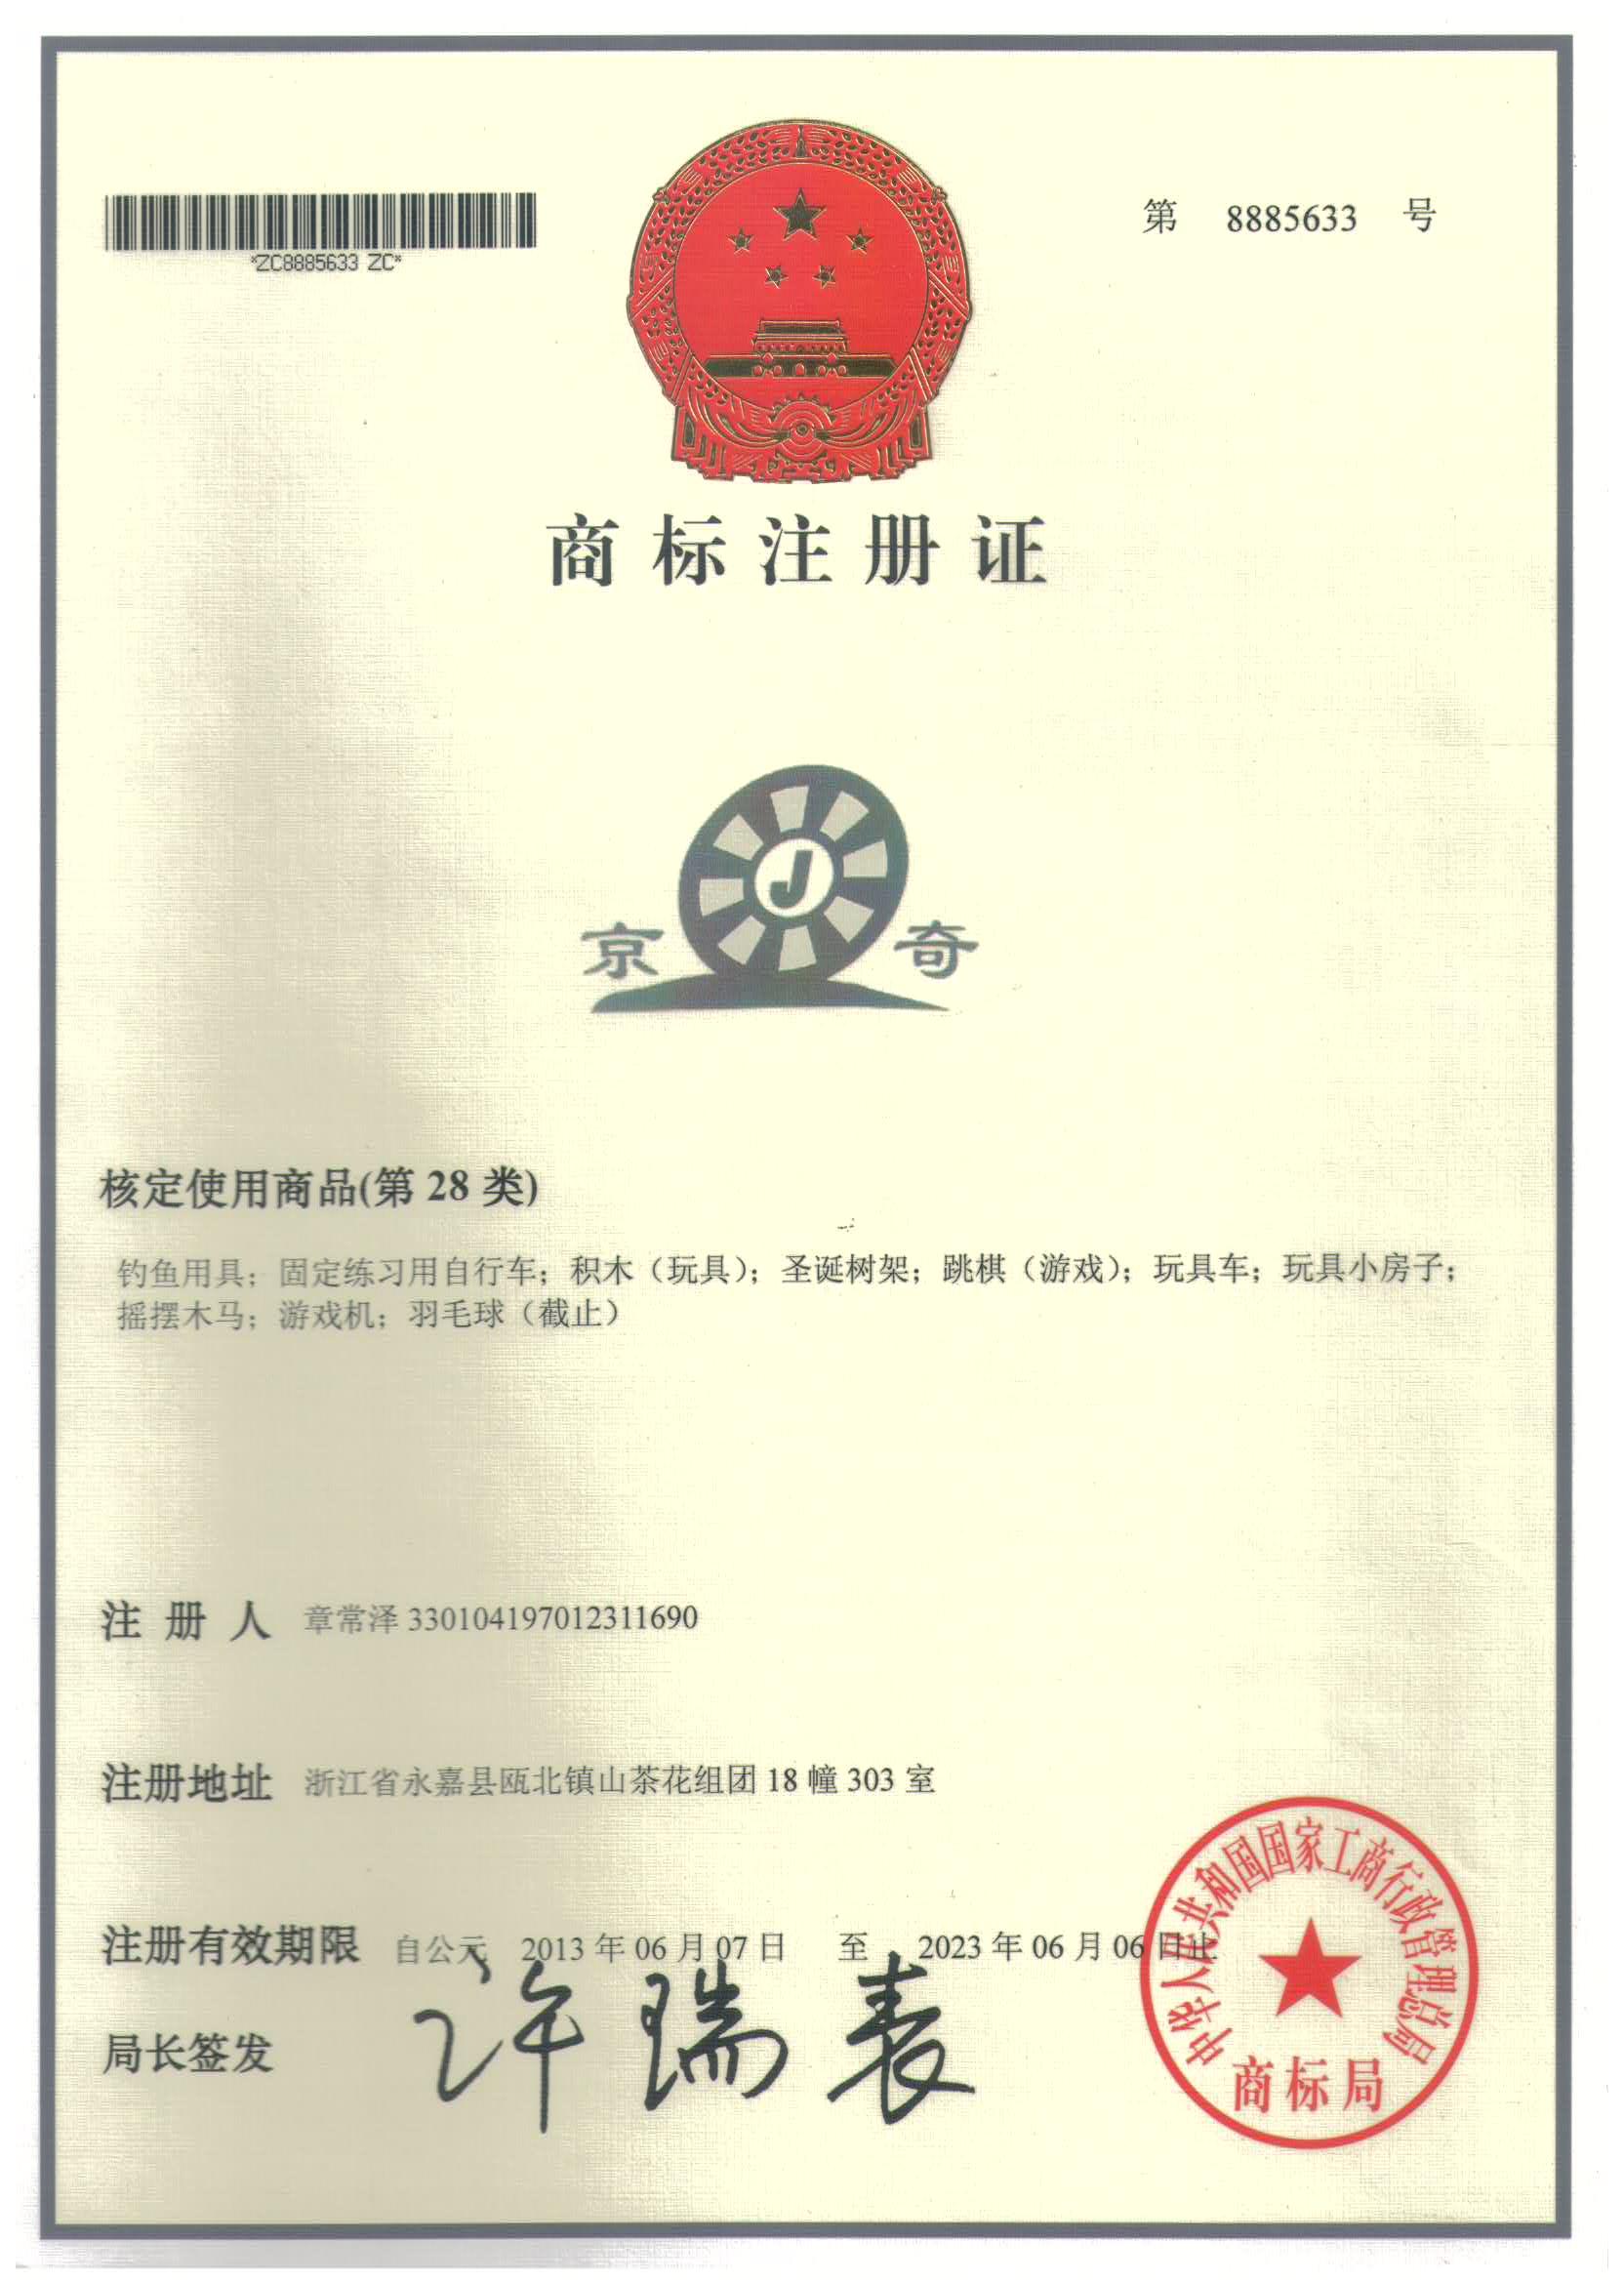 京奇(JingQ)